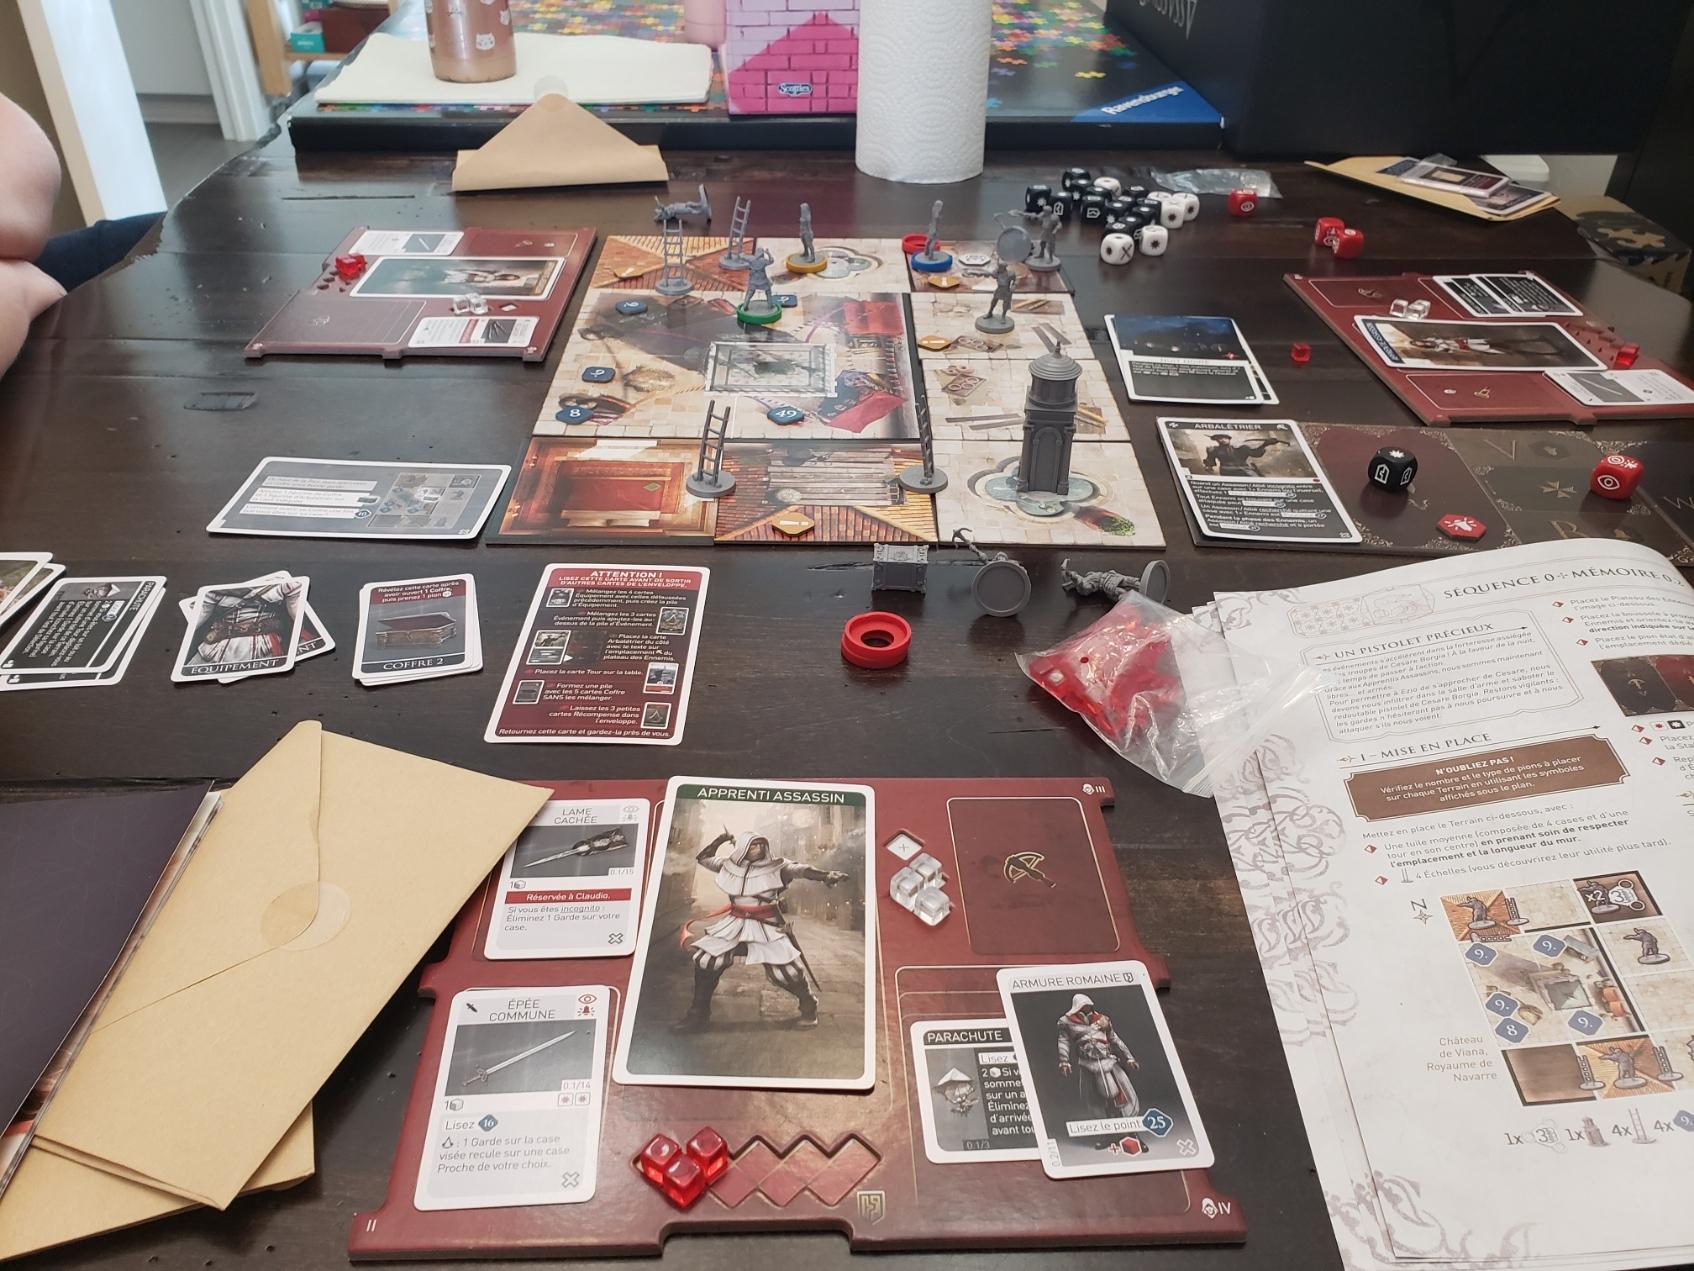 Les développeurs du jeu ont respecté avec soins la source originale avec plusieurs illustrations inspirées d'un des titres de la franchise